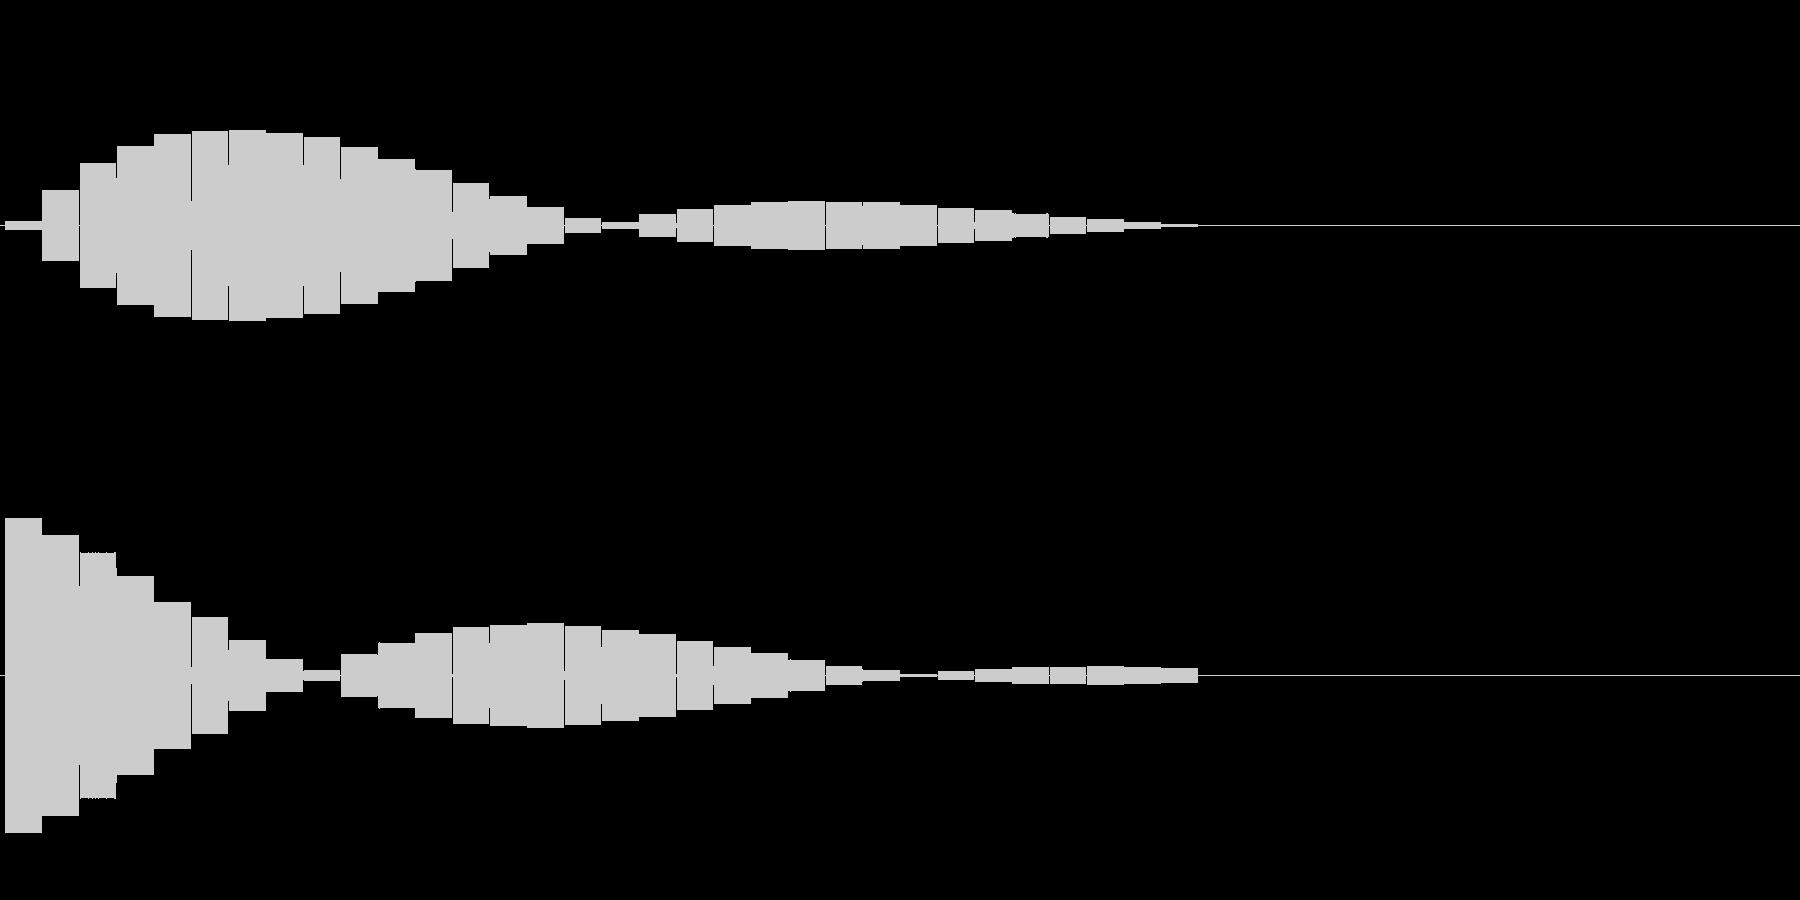 ピロリロ ピロリロの未再生の波形